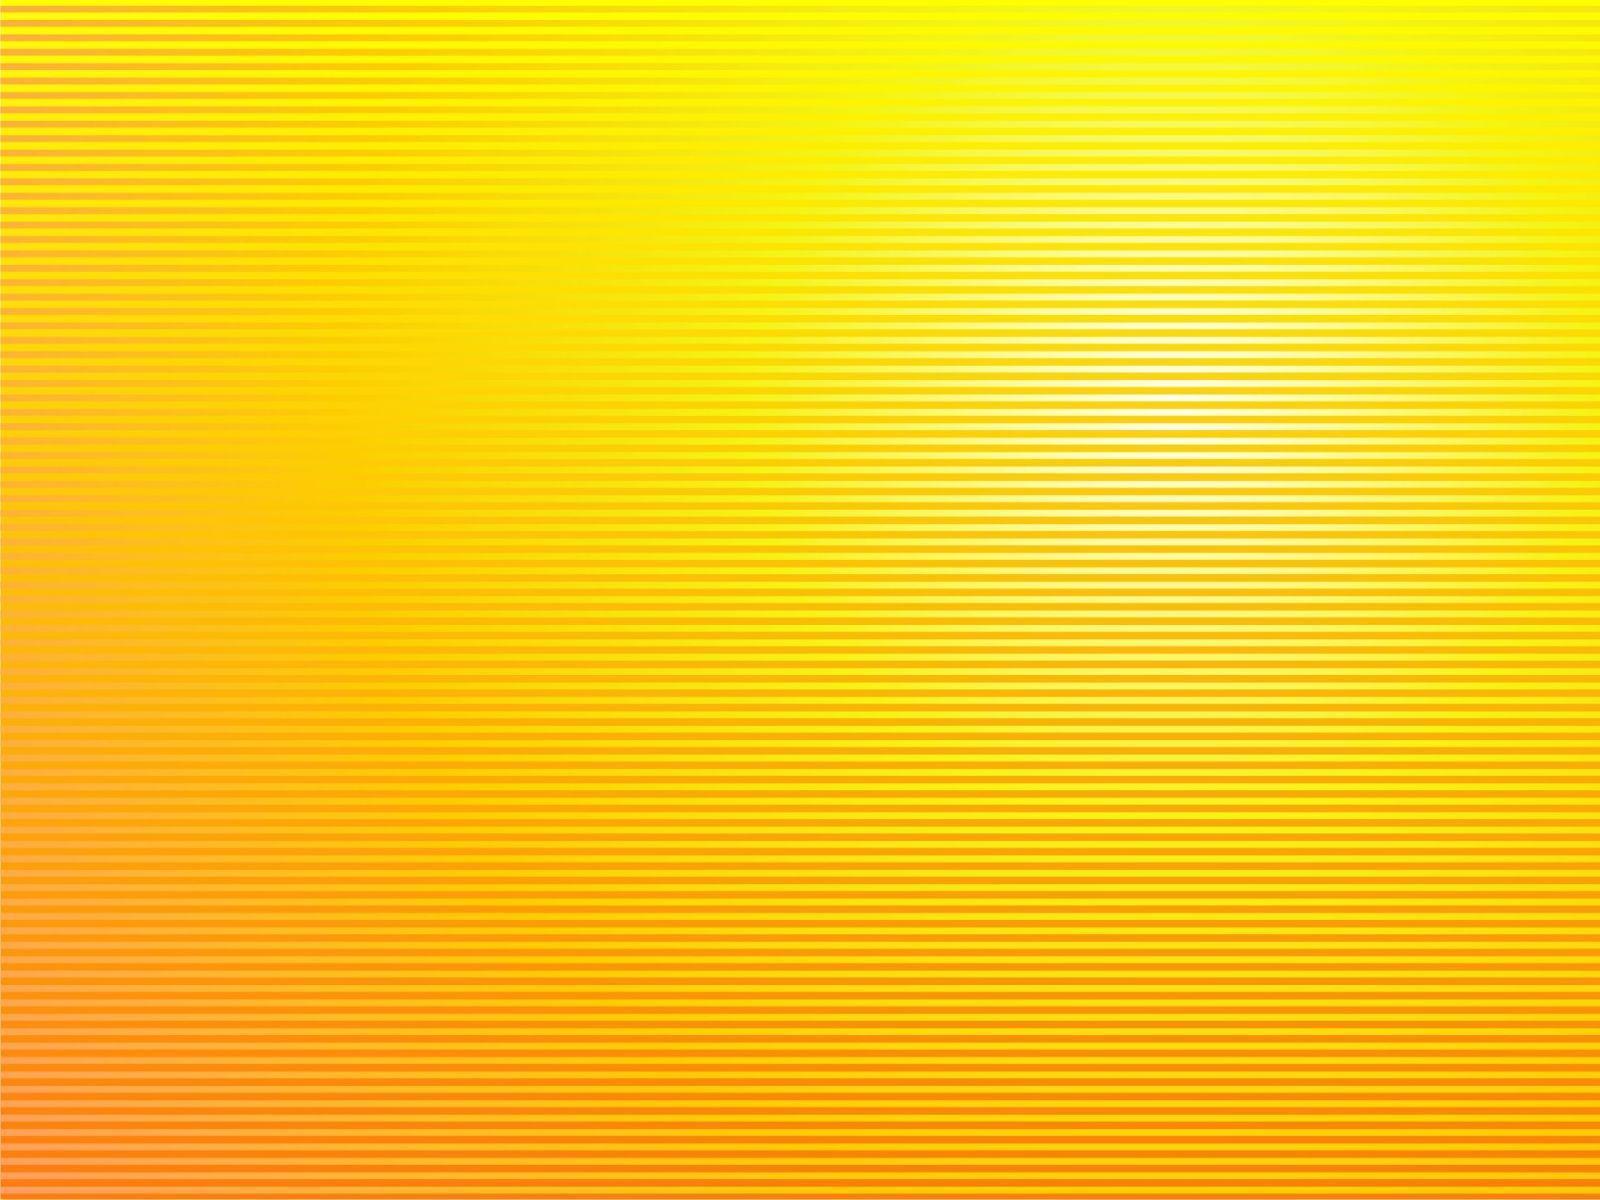 Hình nền màu vàng 1600x1200 Full HD Z671